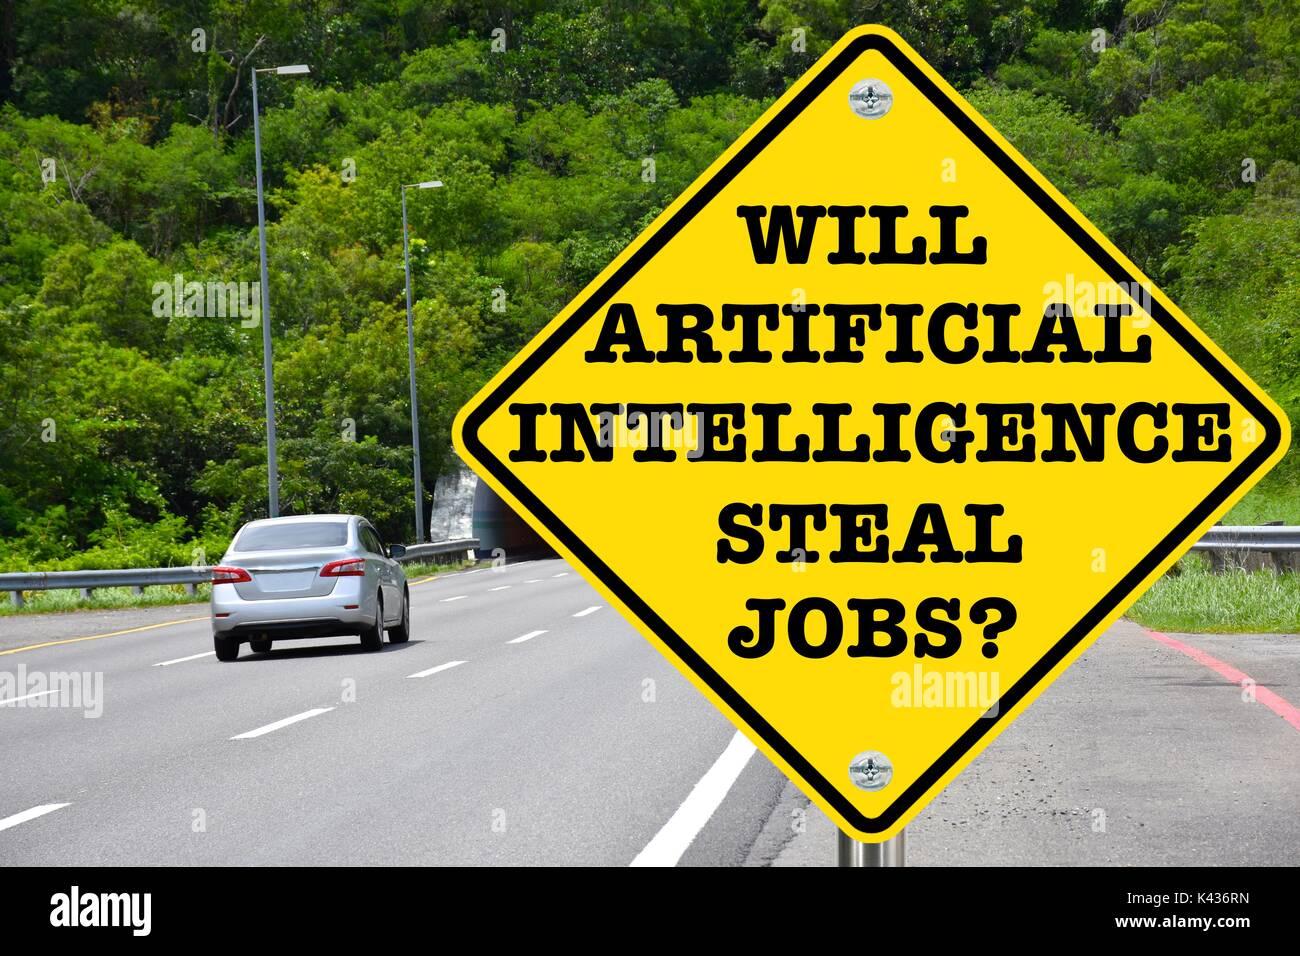 Sarà l'intelligenza artificiale di rubare posti di lavoro? Avviso di colore giallo cartello stradale Immagini Stock